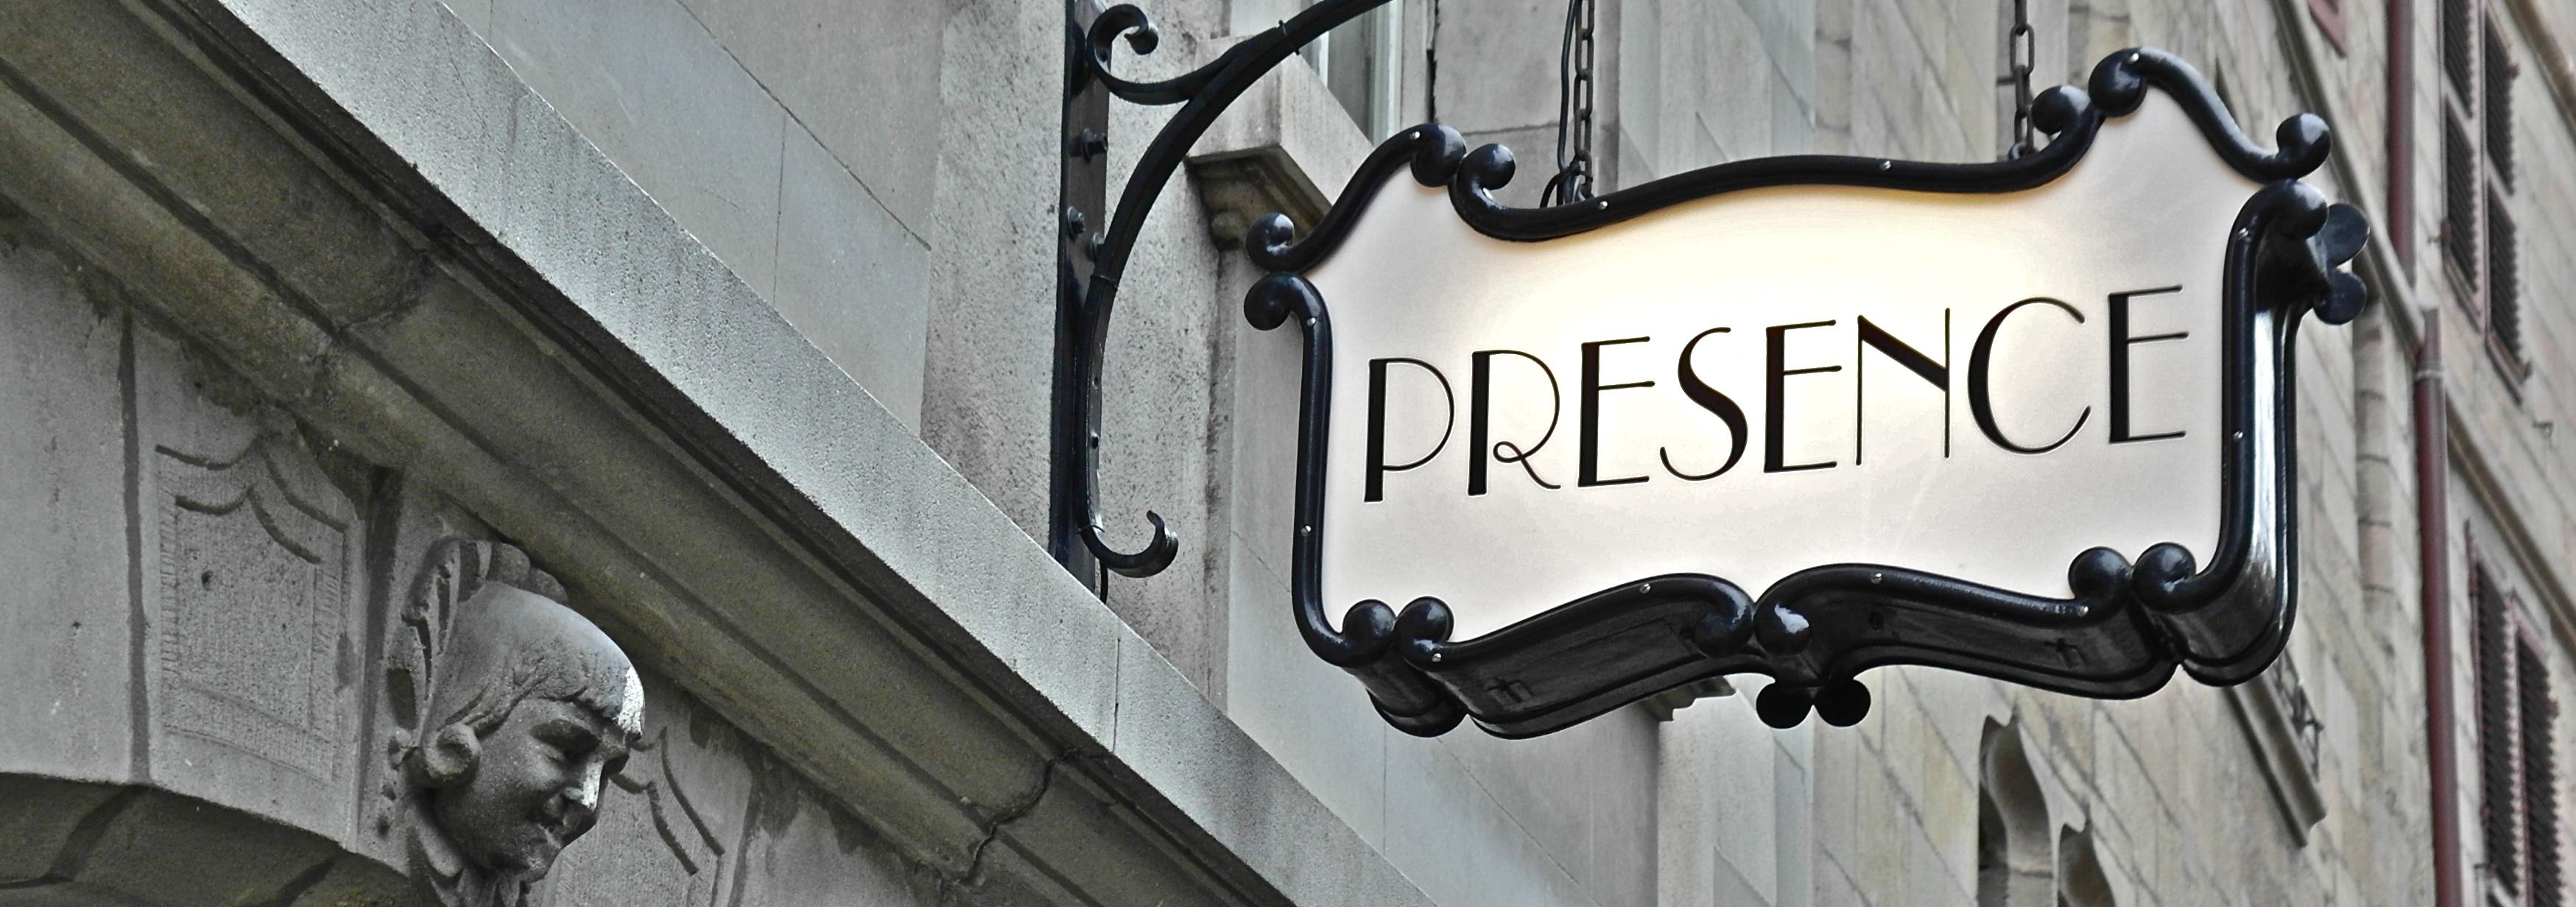 presenceaudio logo